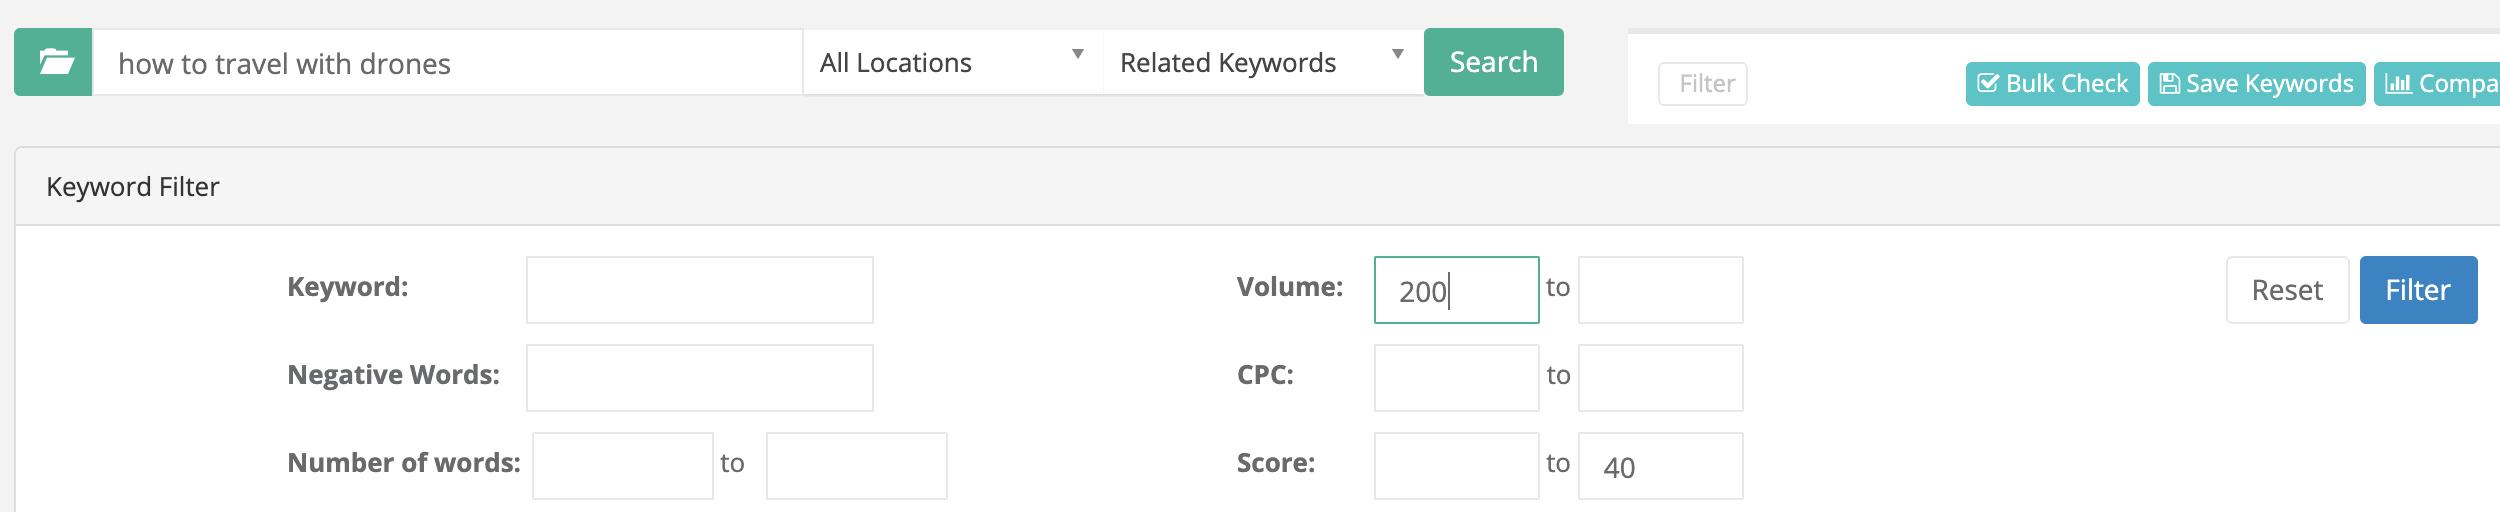 keyword filtering